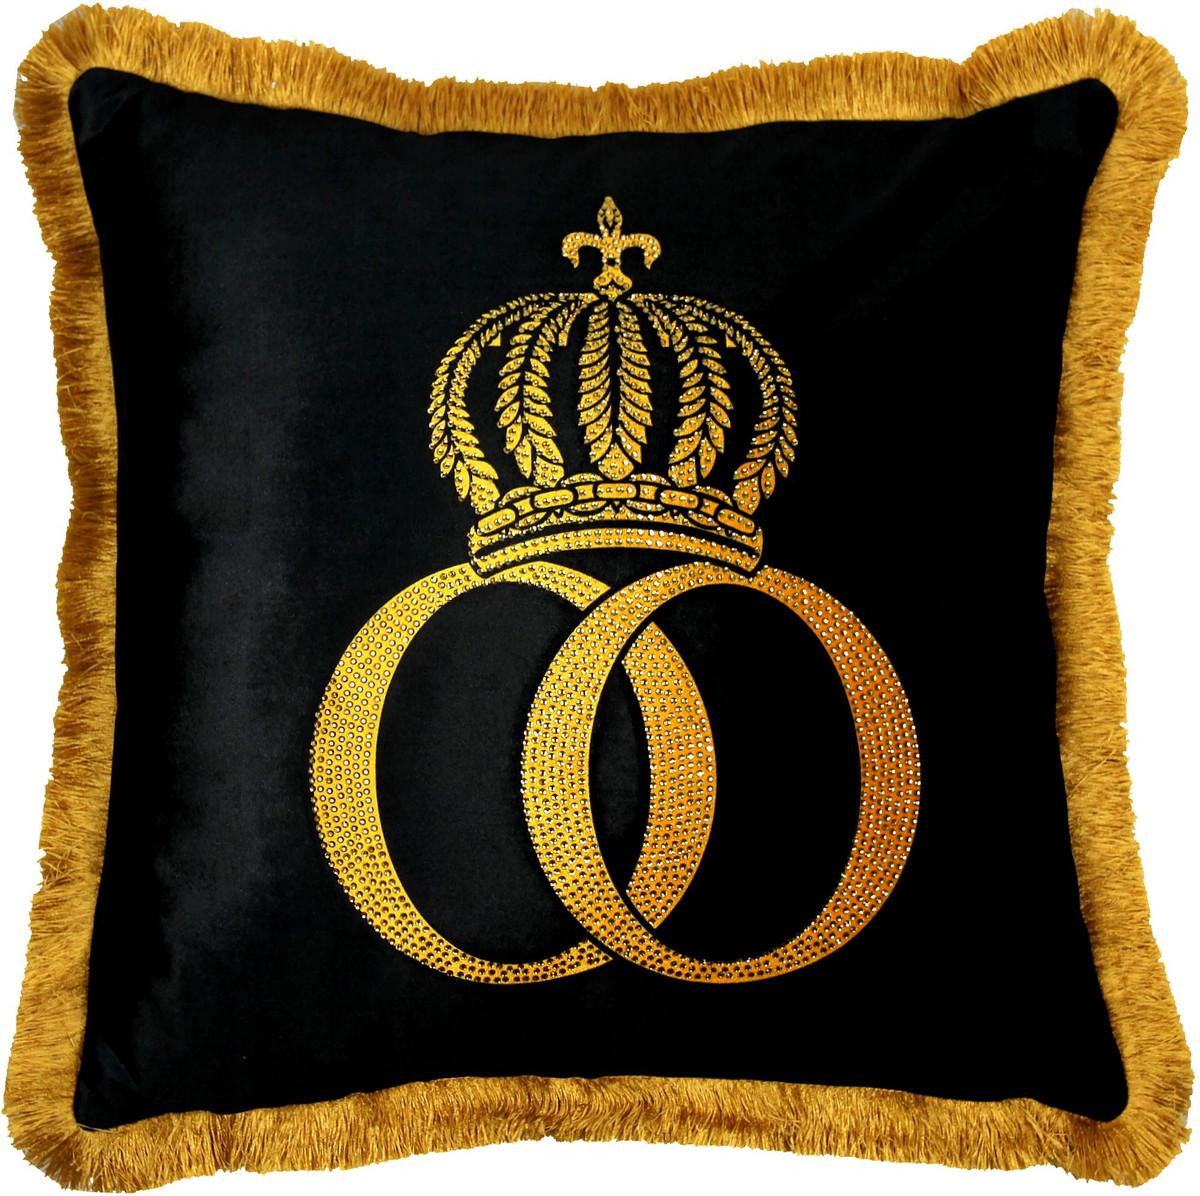 harald gl ckler kissen pomp s by casa padrino schwarz gold krone deluxe mit strass steinen. Black Bedroom Furniture Sets. Home Design Ideas